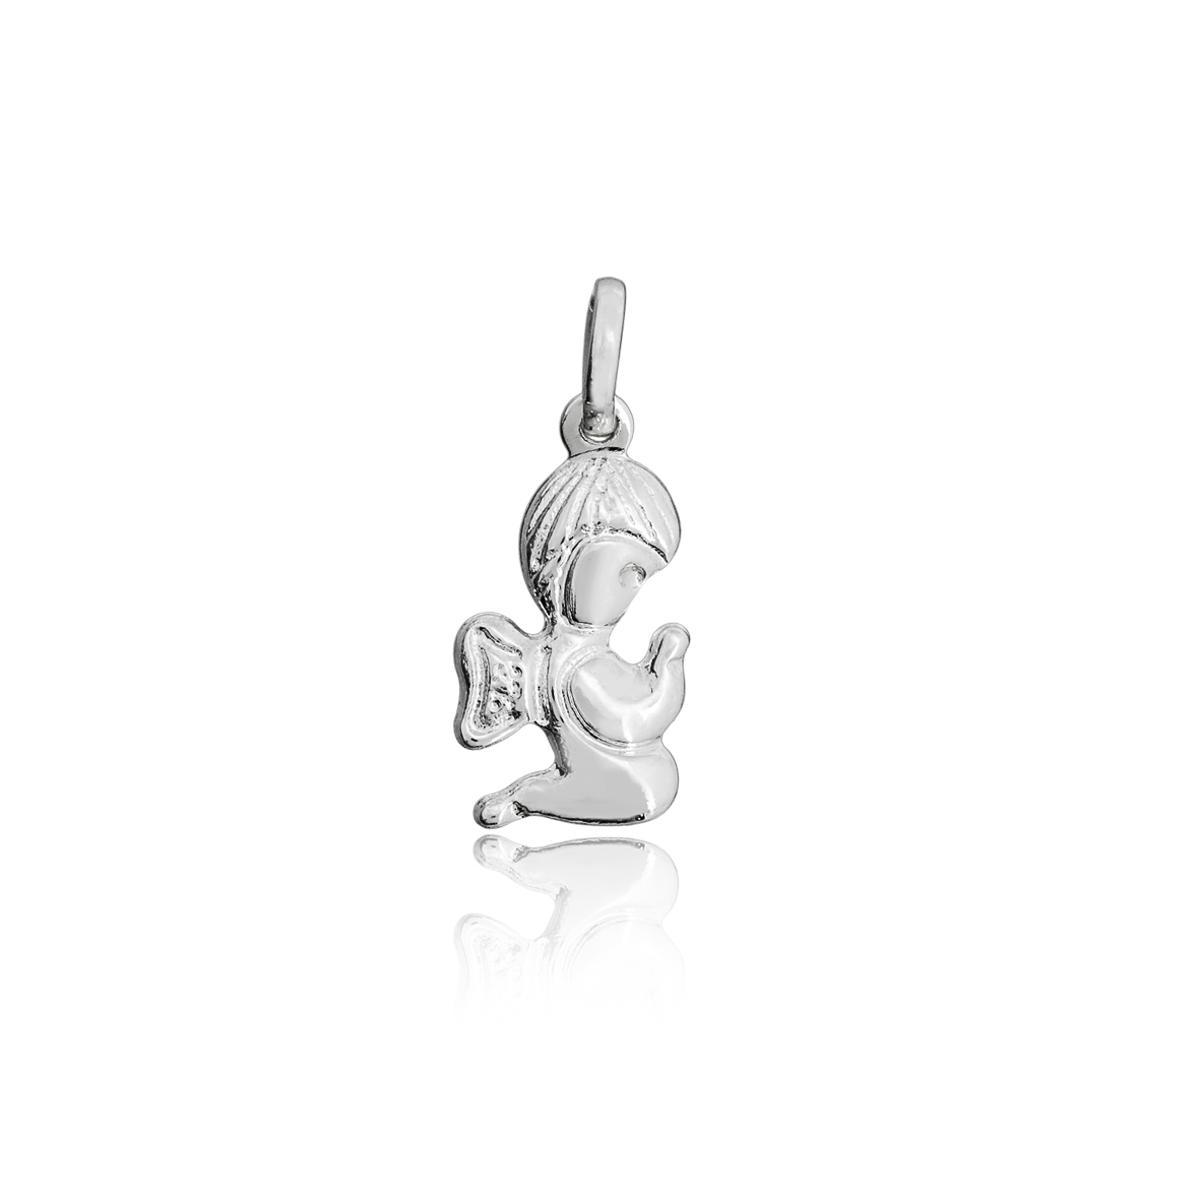 Pingente joia em prata 925 pura Anjinho da Guarda ajoelhado